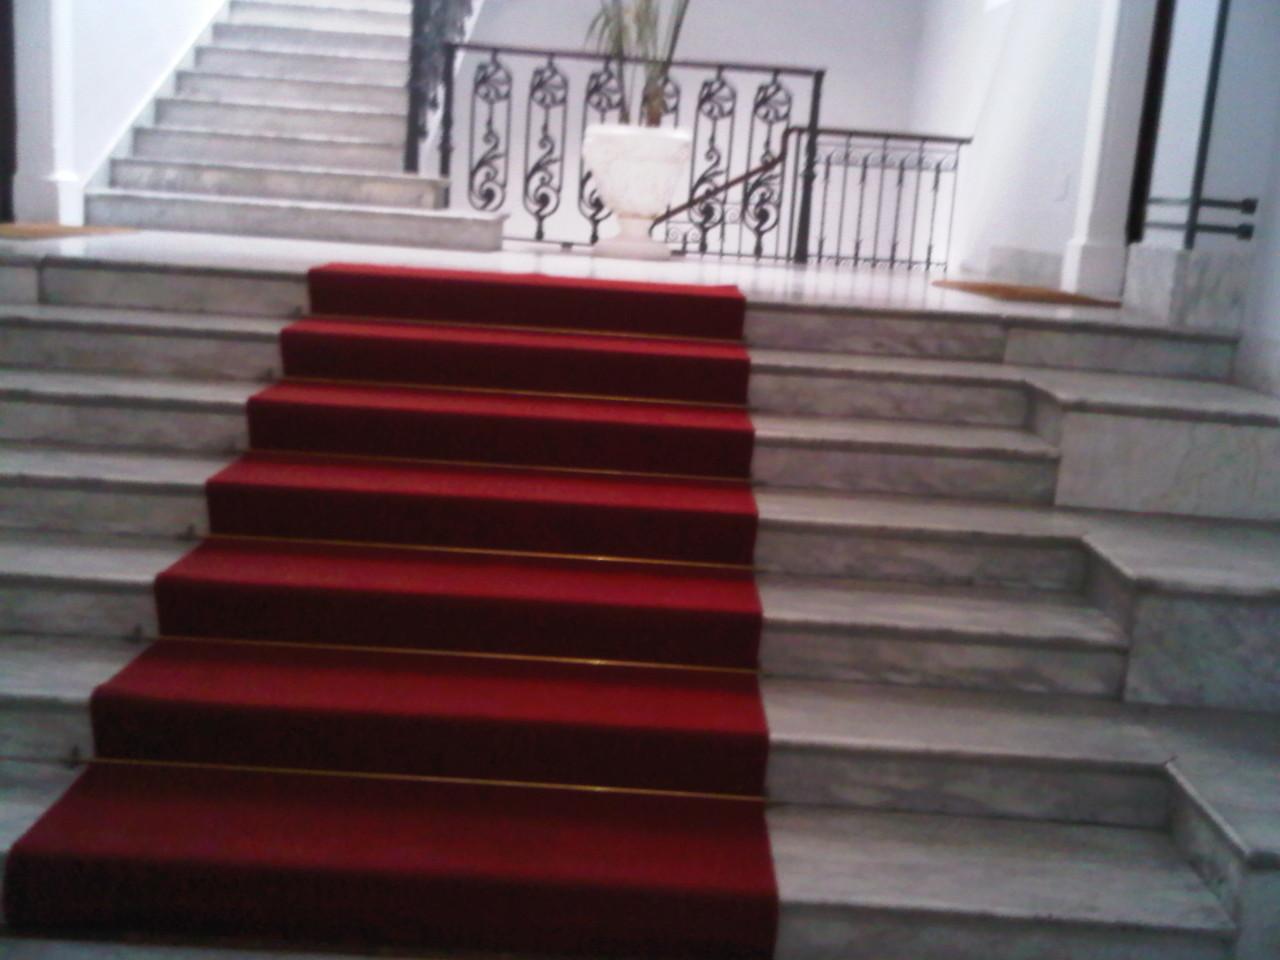 Scala entrata, via Milano 44 - Catania